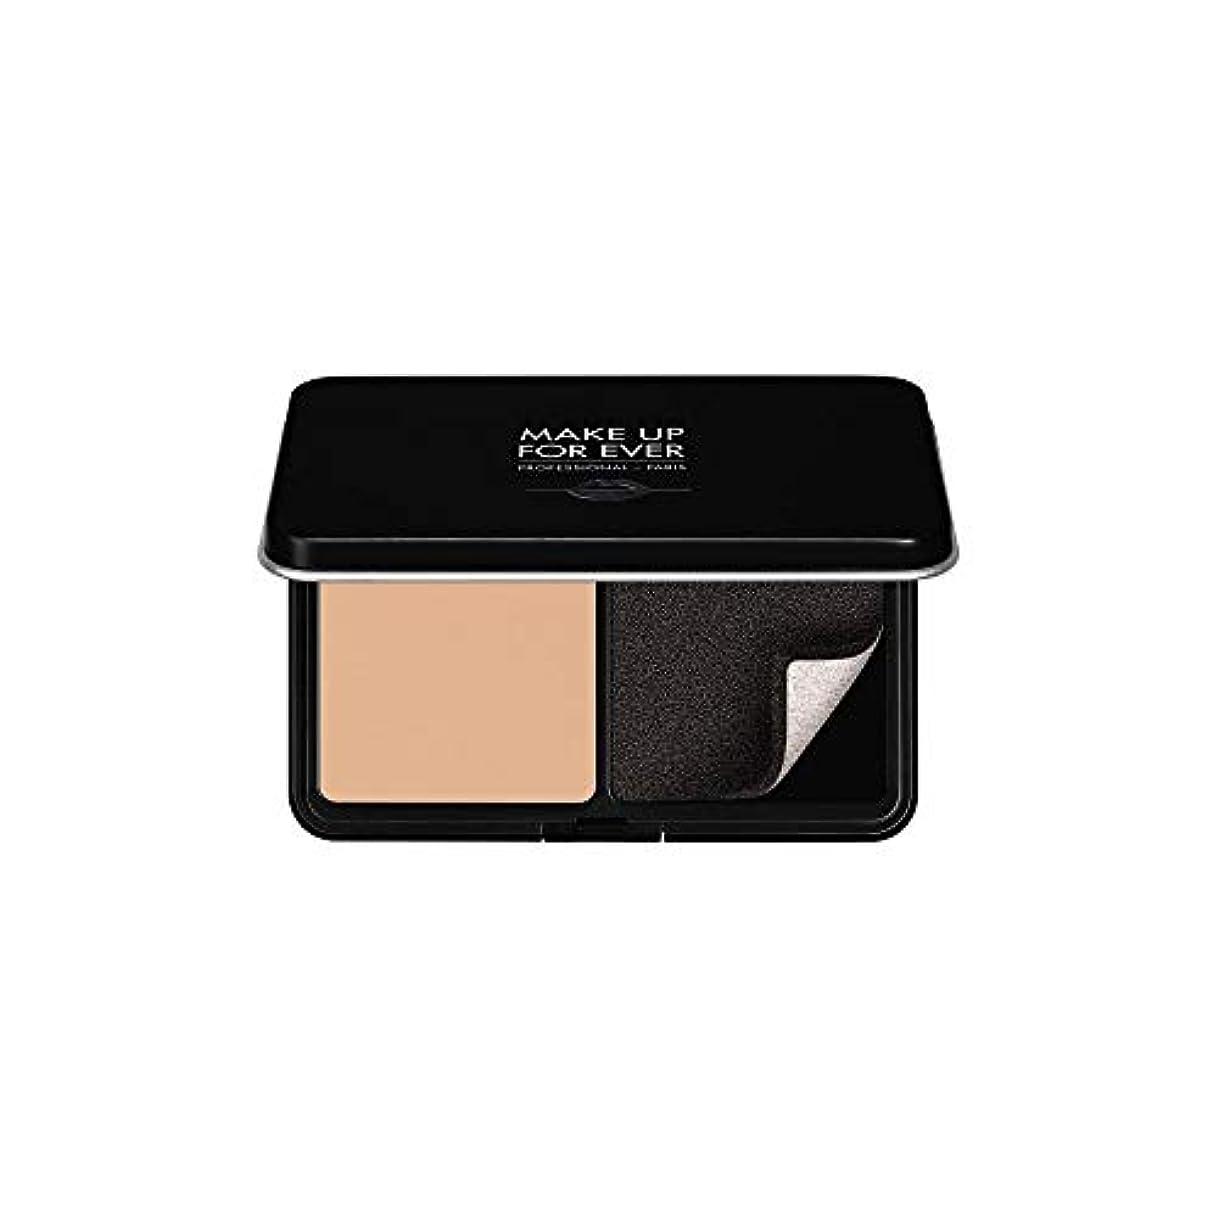 バウンスアソシエイト国籍メイクアップフォーエバー Matte Velvet Skin Blurring Powder Foundation - # R250 (Beige Nude) 11g/0.38oz並行輸入品